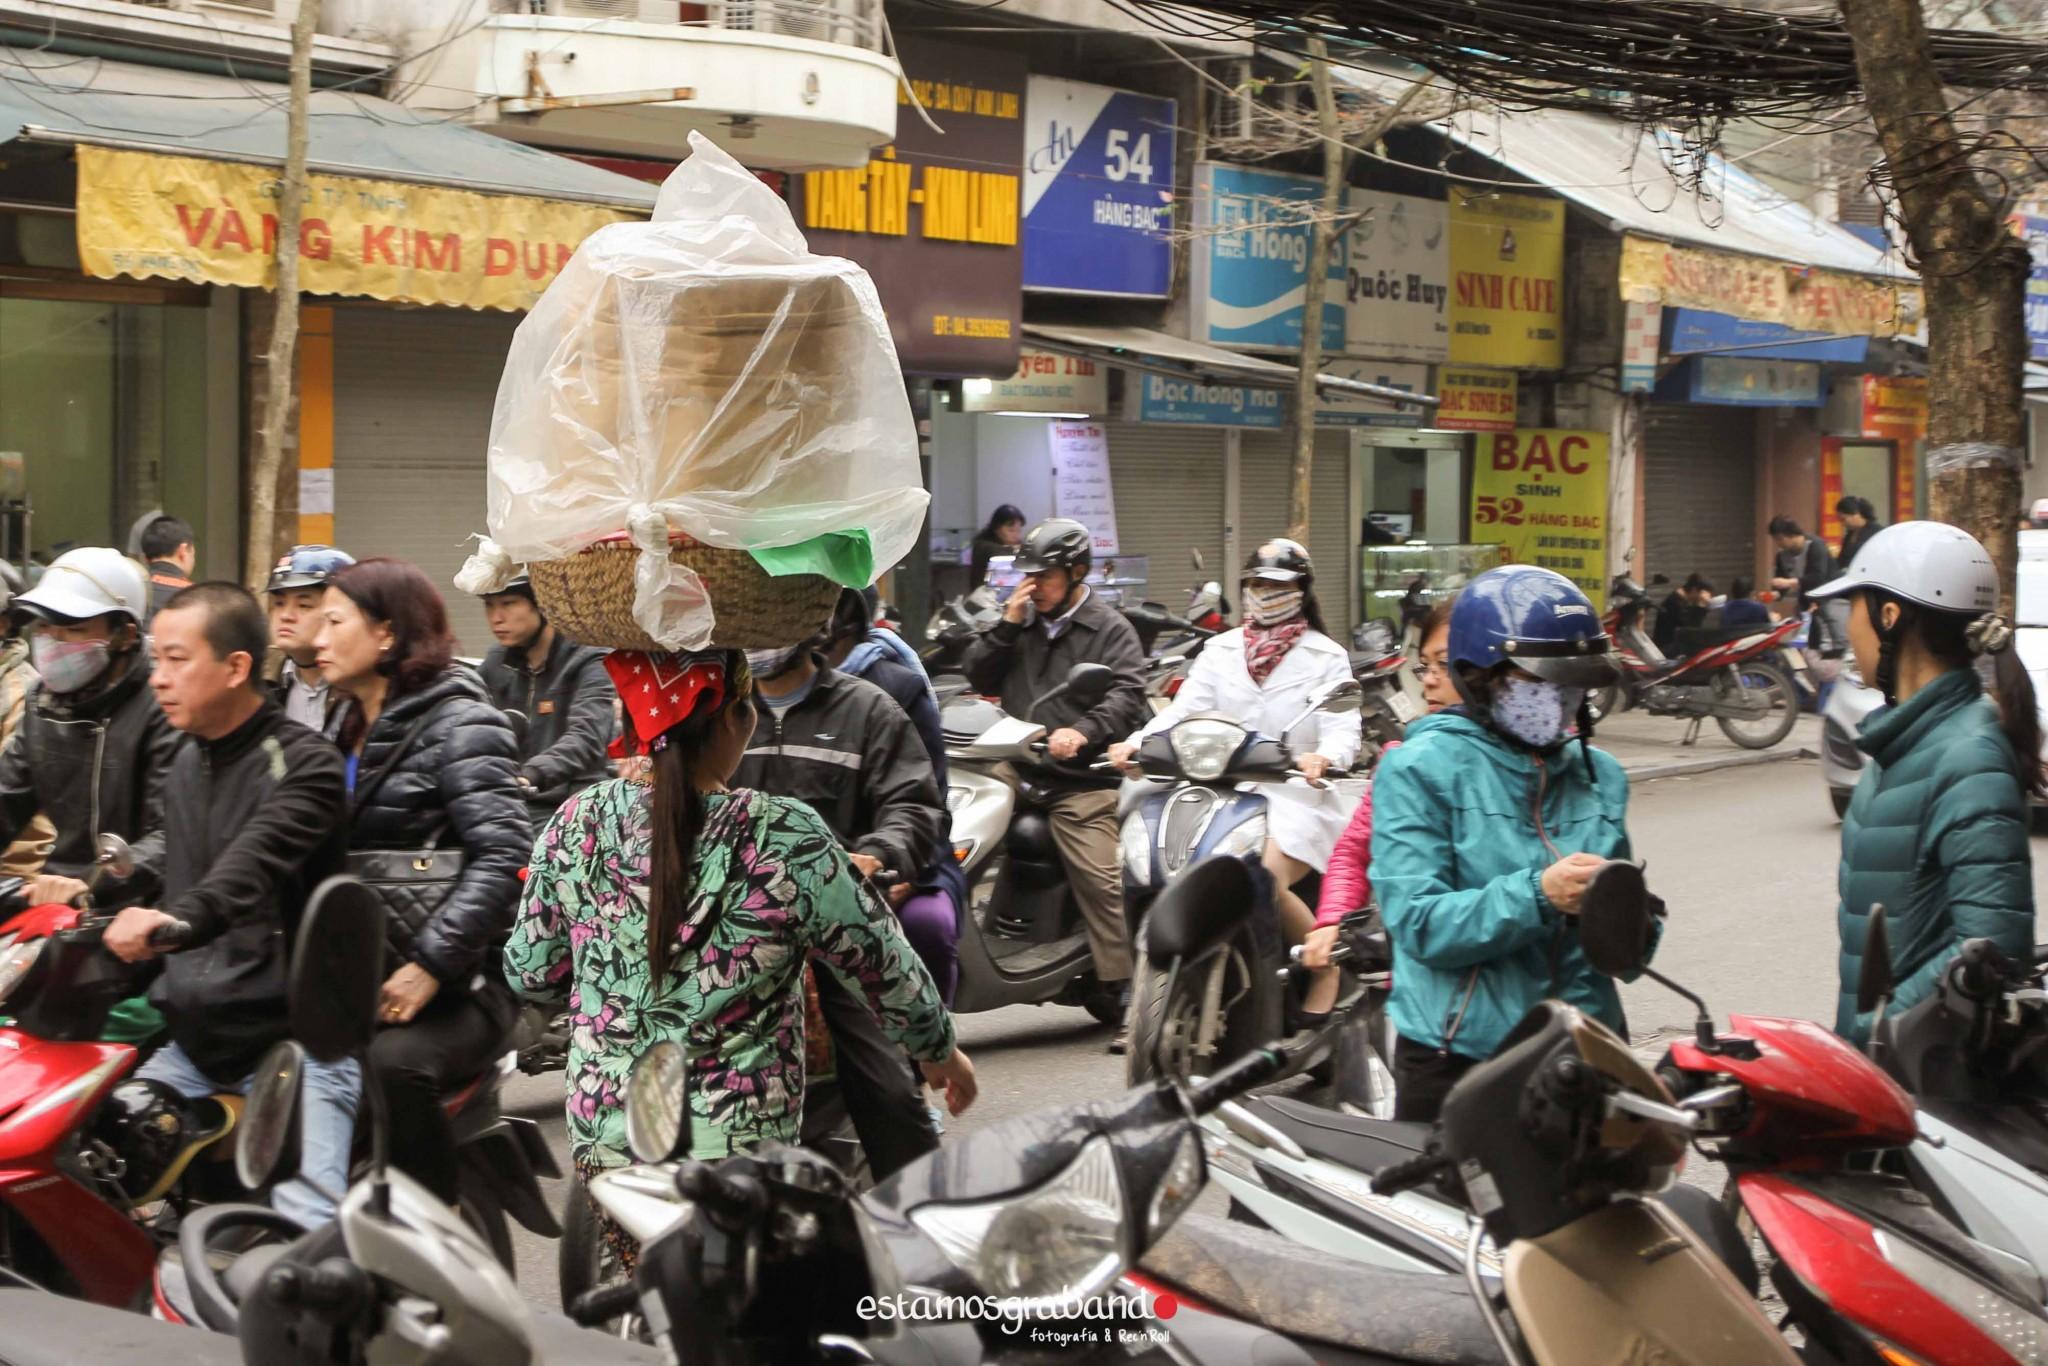 reportaje-vietnam_fotograficc81a-vietnam_estamosgrabando-vietnam_rutasvietnam_reportaje-retratos-fotos-vietnam_fotografia-vietnam_reportaje-estamosgrabando-fotograficc81a-vietnam-36 Pequeños grandes recuerdos de Vietnam en 100 imágenes - video boda cadiz